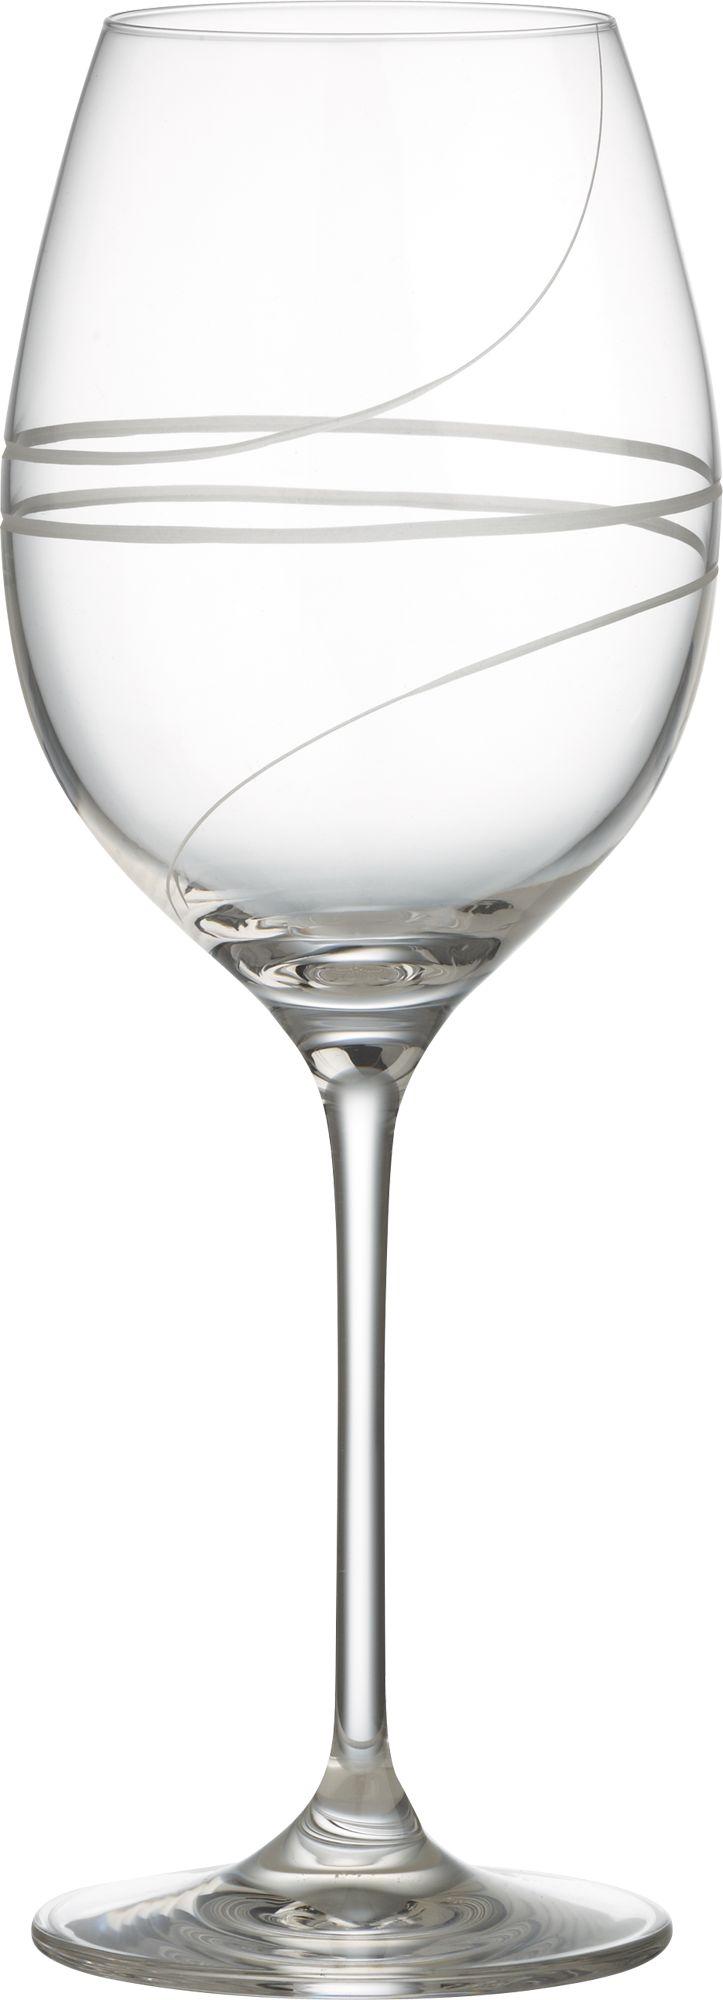 Elegant hand-engraved spirals add élan to the classic tulip wine glass. Modern machine-blown process mimics handblown glass at an affordable price.<br /><br /><NEWTAG/><ul><li>Clear glass</li><li>Hand-engraved and polished design</li><li>Diamond-cut and fire-polished rim</li><li>Top-rack dishwasher-safe</li><li>Made in Slovakia</li></ul><br />